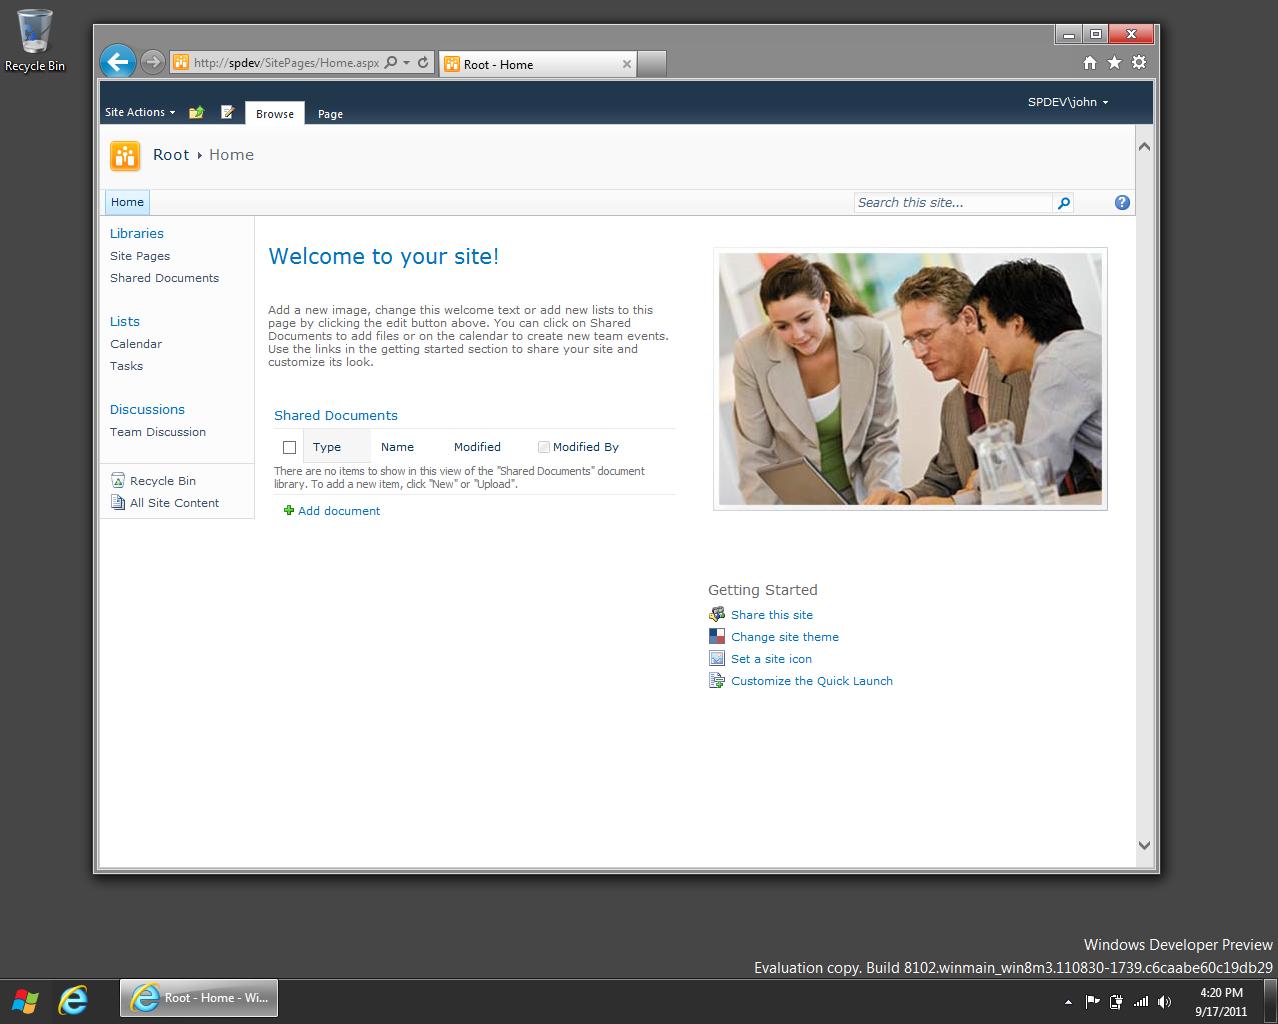 installez sharepoint 2010 sur Windows 8 64 bits